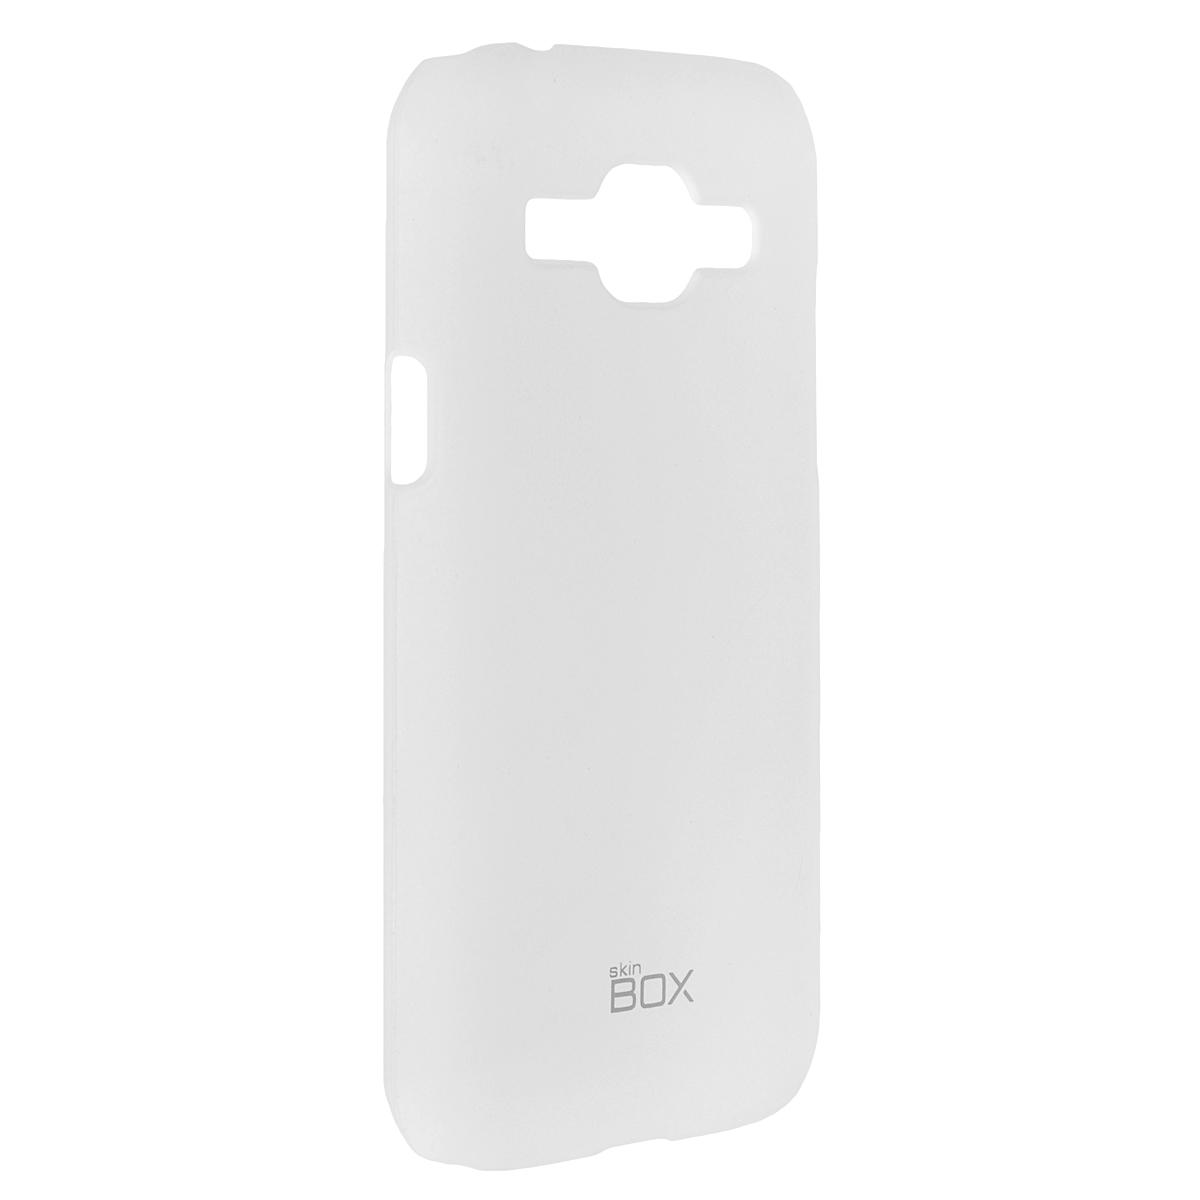 Skinbox Shield 4People чехол для Samsung J1 3G DS, WhiteT-S-SJ13G-002Чехол Skinbox Shield 4People для Samsung Galaxy J1 предназначен для защиты корпуса смартфона от механических повреждений и царапин в процессе эксплуатации. Имеется свободный доступ ко всем разъемам и кнопкам устройства. В комплект также входит защитная пленка на экран телефона.